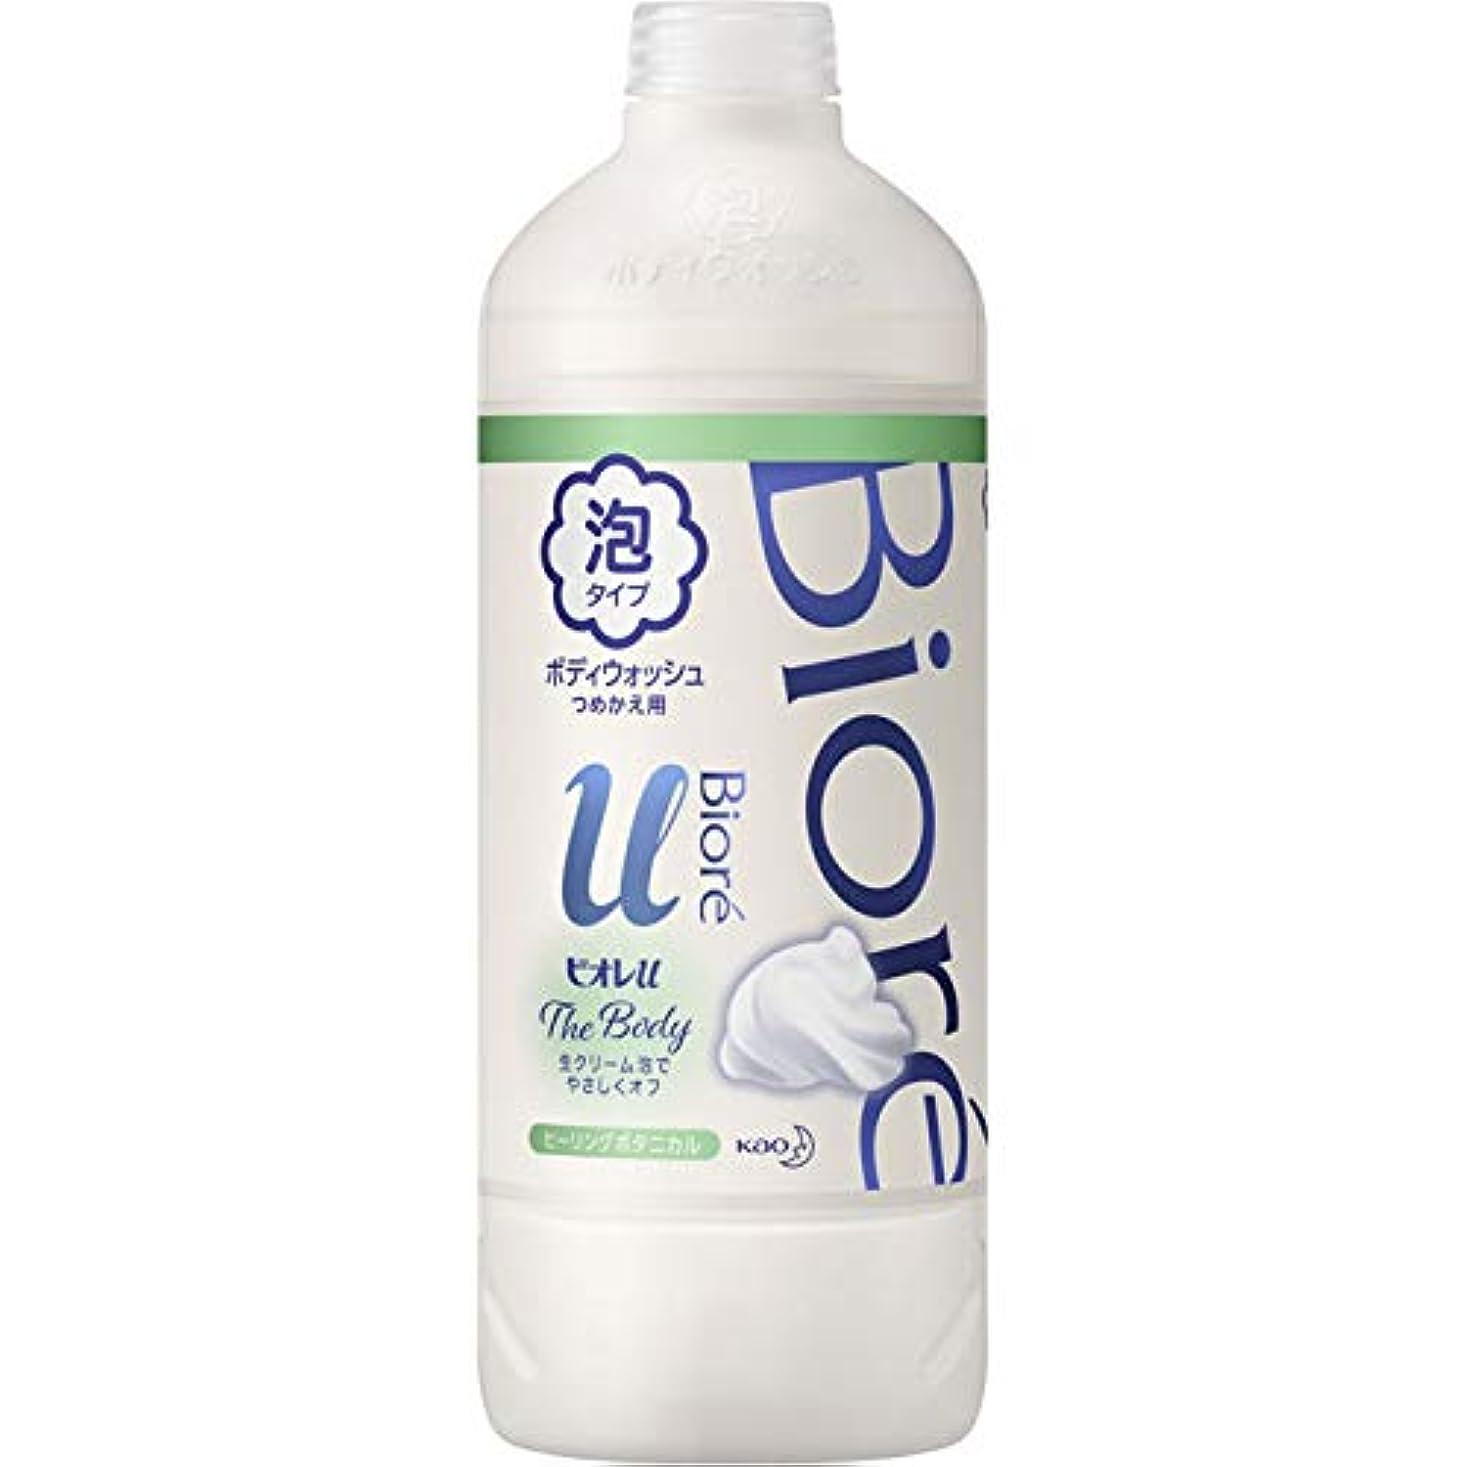 吹雪グレートオーク他の日花王 ビオレu ザ ボディ泡ヒーリングボタニカルの香り 詰替え用 450ml